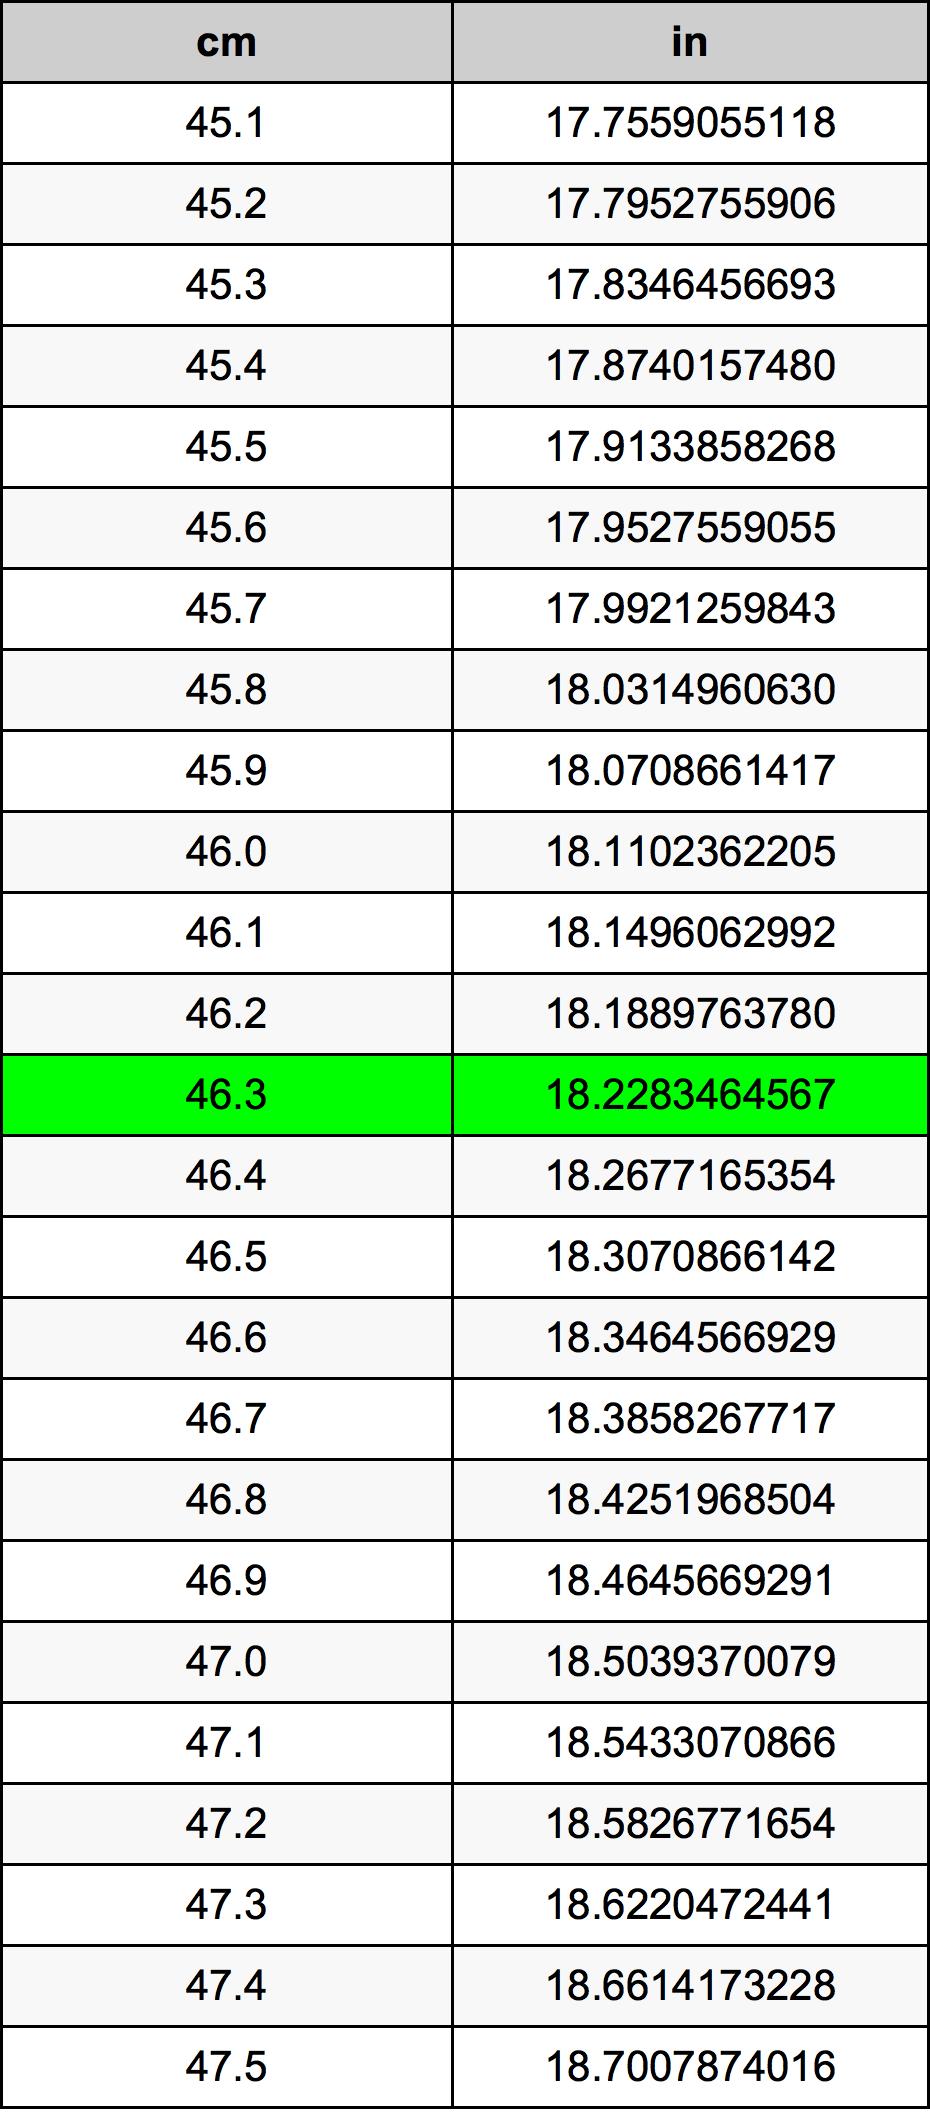 46.3 Zentimeter Umrechnungstabelle